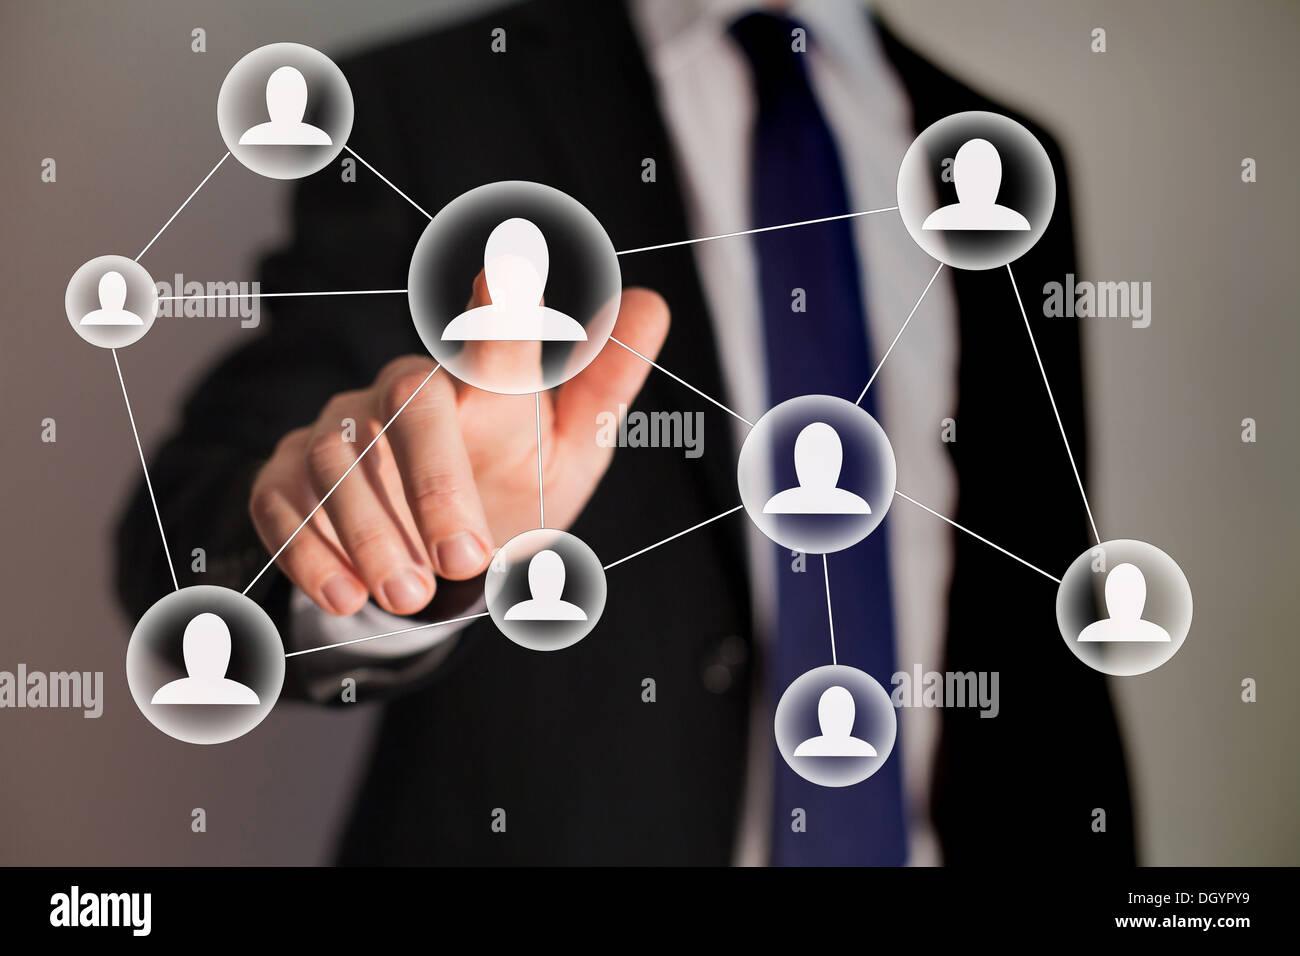 Rete sociale e di tecnologie aziendali Foto Stock